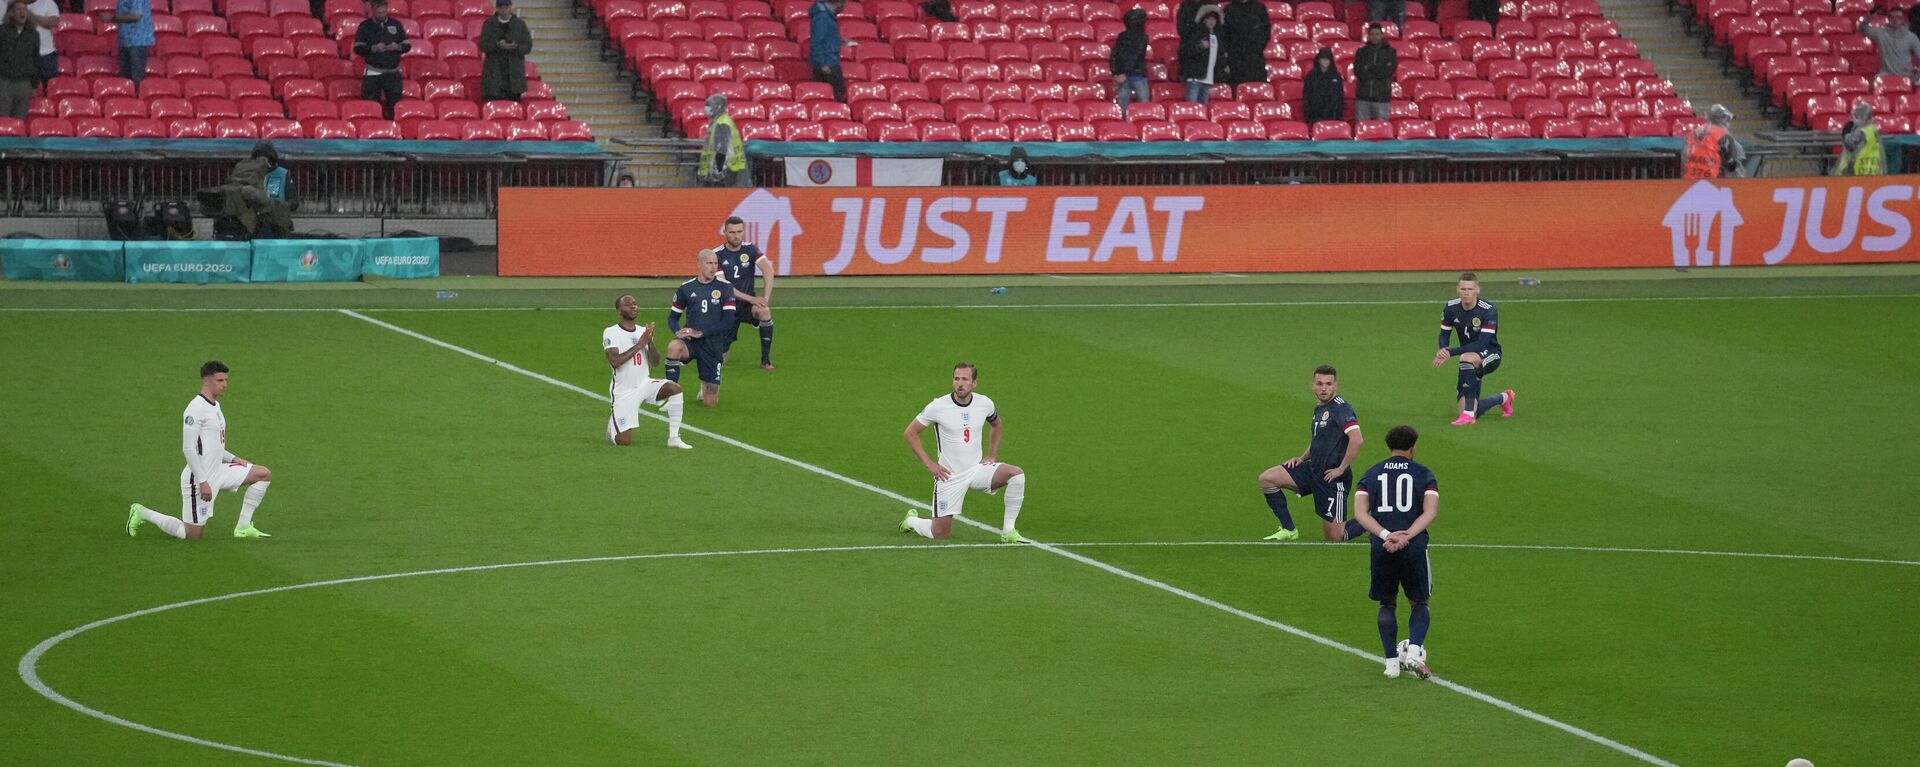 Spieler der englischen Nationalmannschaft gehen auf die Knie vor einem EU-Spiel.  - SNA, 1920, 29.06.2021